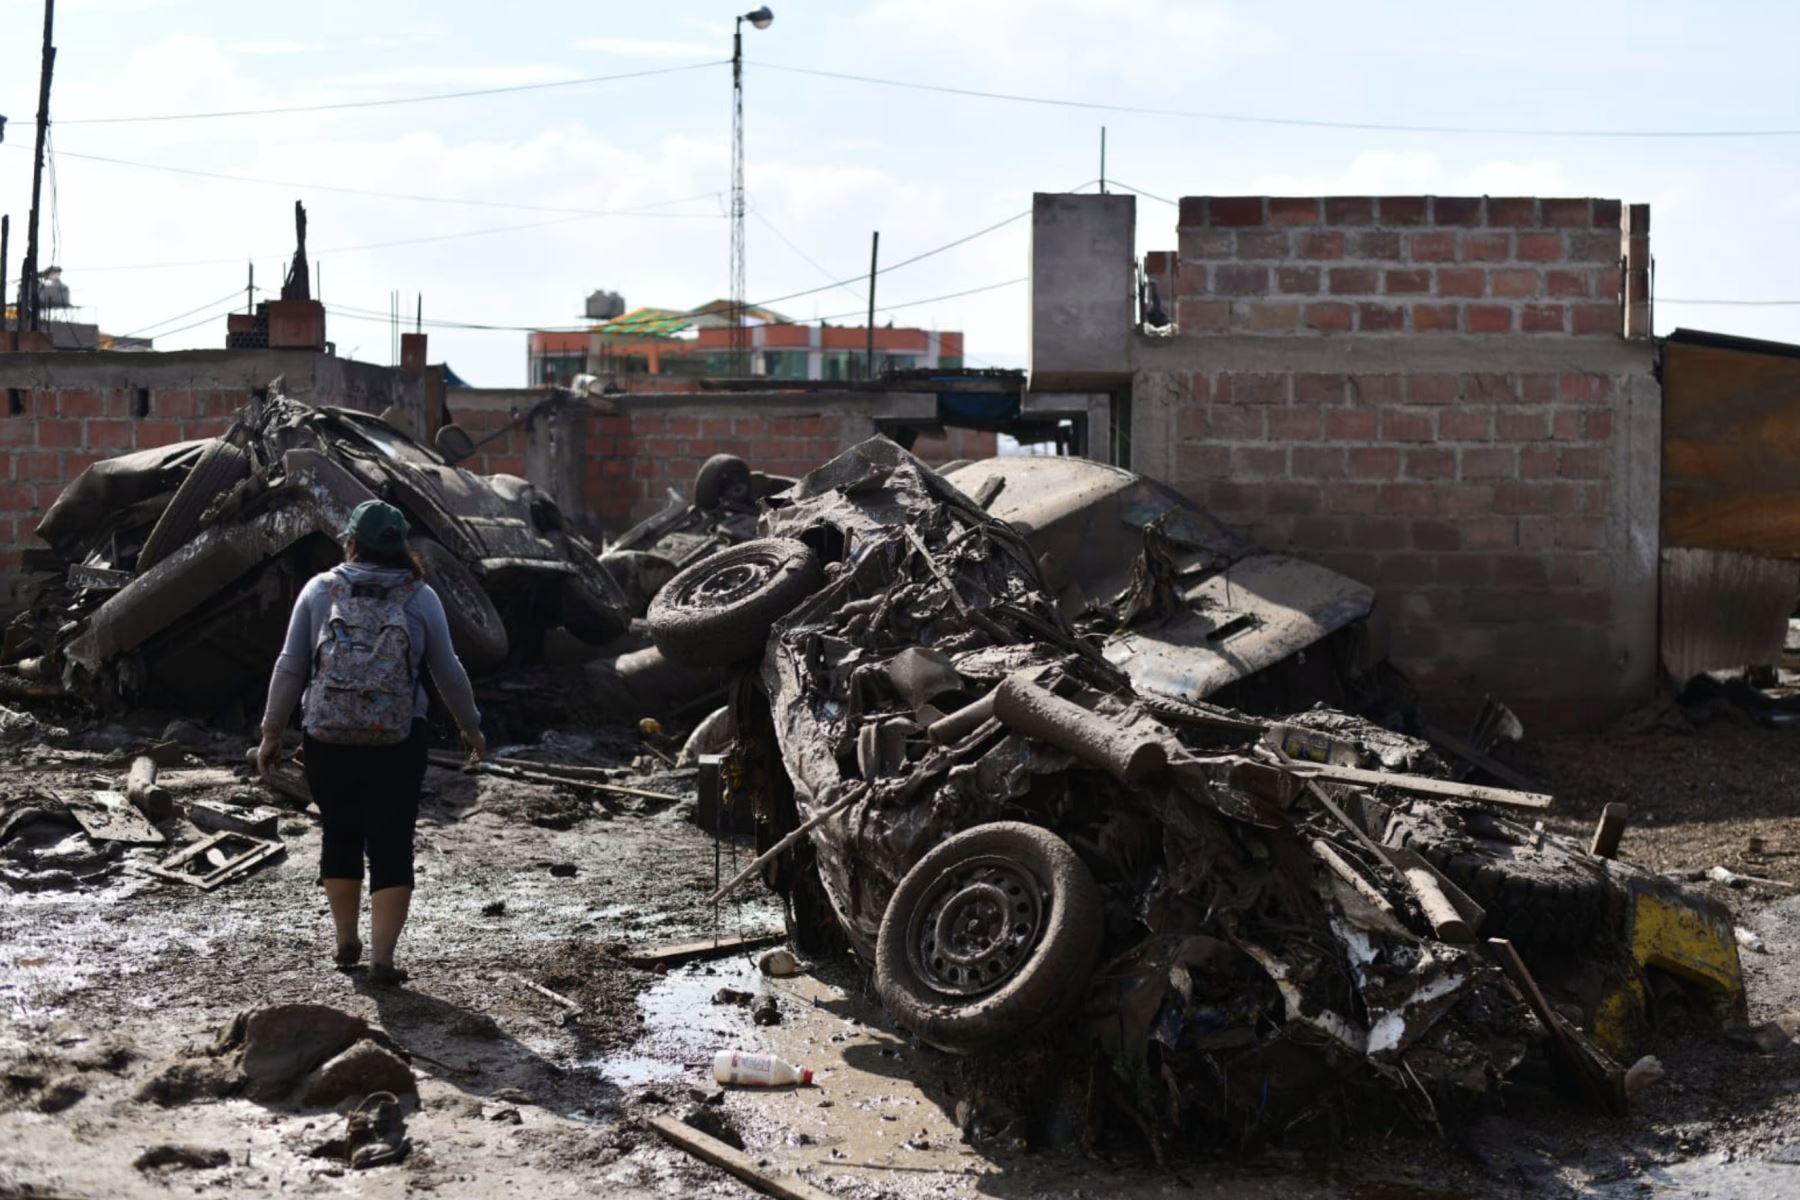 Imágenes impactantes de la región Tacna, luego de los huaicos que inundó calles de la ciudad. Foto : Cortesía /Diego Ramos Lupo